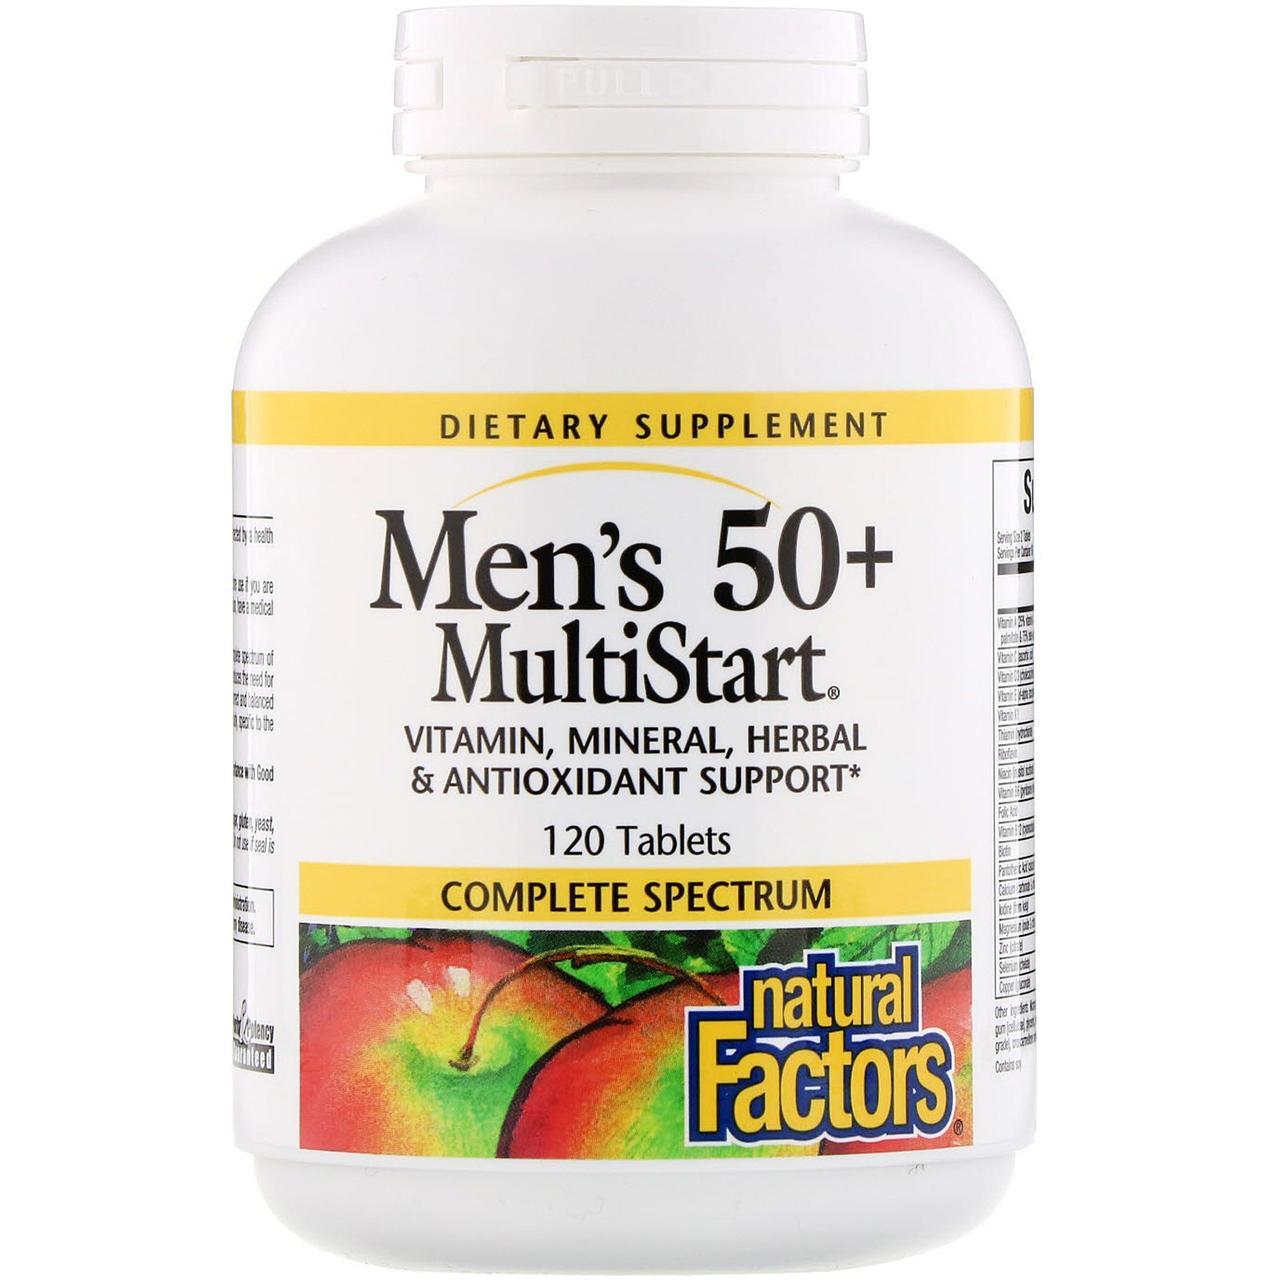 Витаминый комплекс, Natural Factors 50+, 120 таблеток